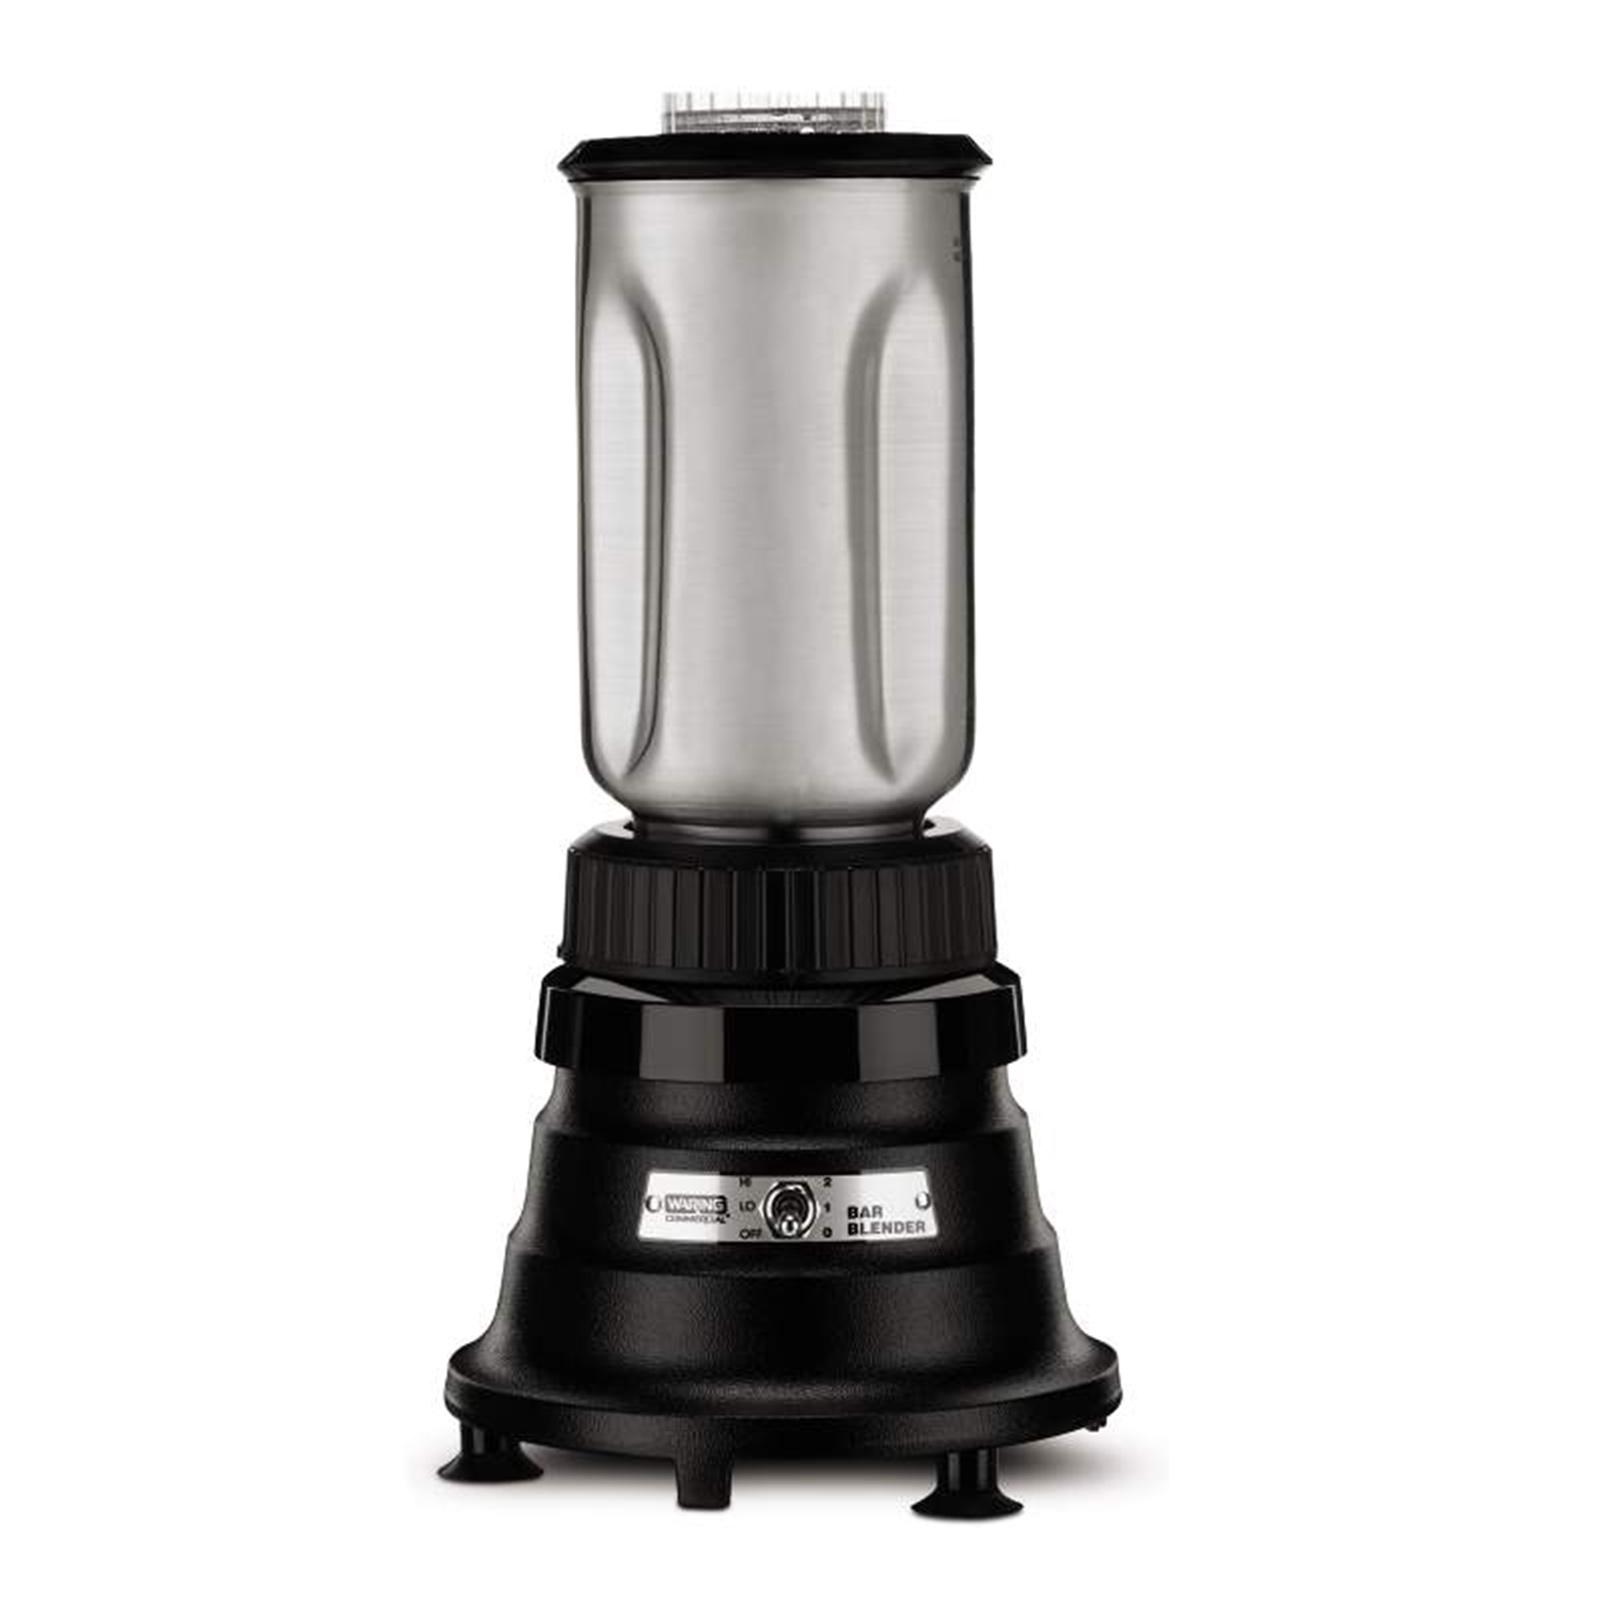 Waring BB155S blender, bar